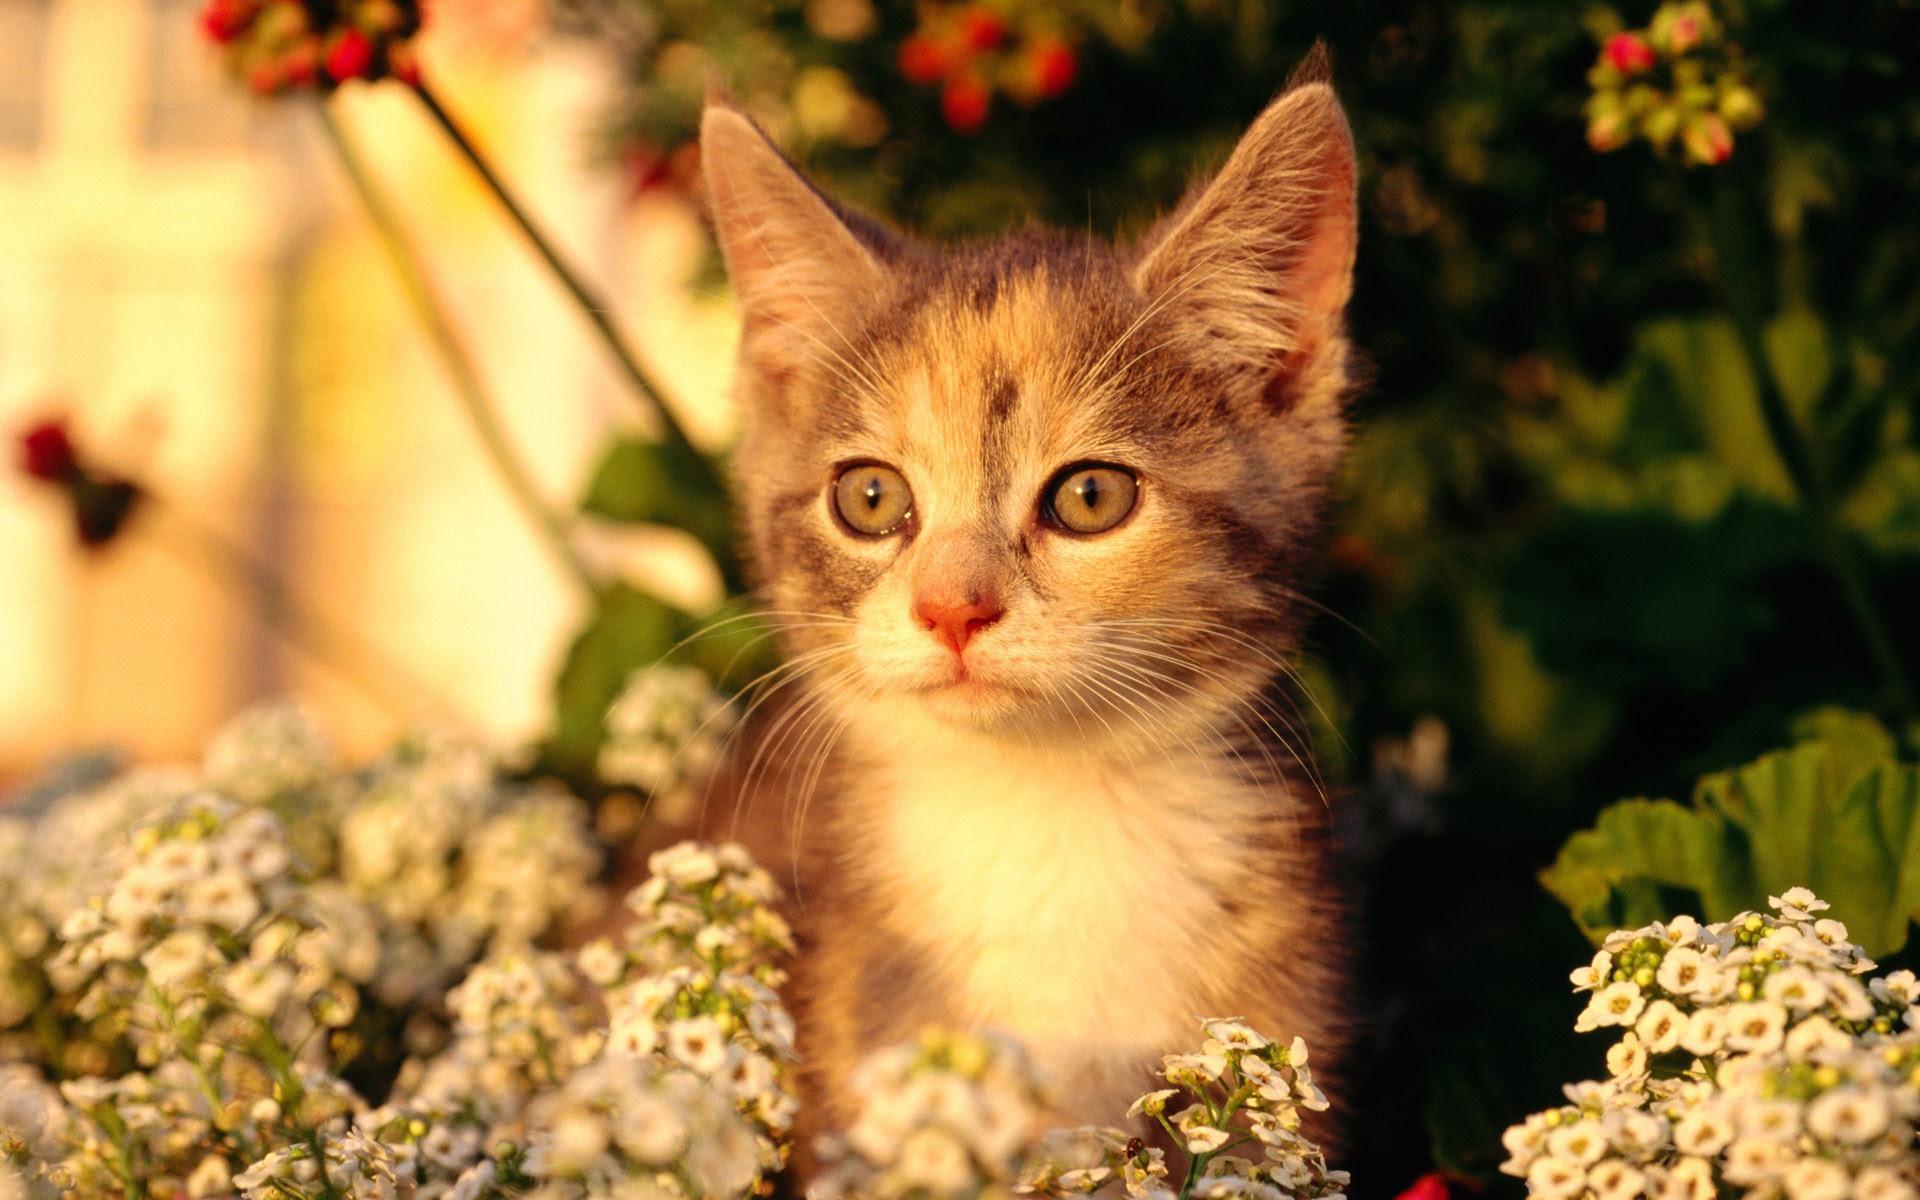 Hdの壁紙かわいい猫の写真 21 1920x1200 壁紙ダウンロード Hdの